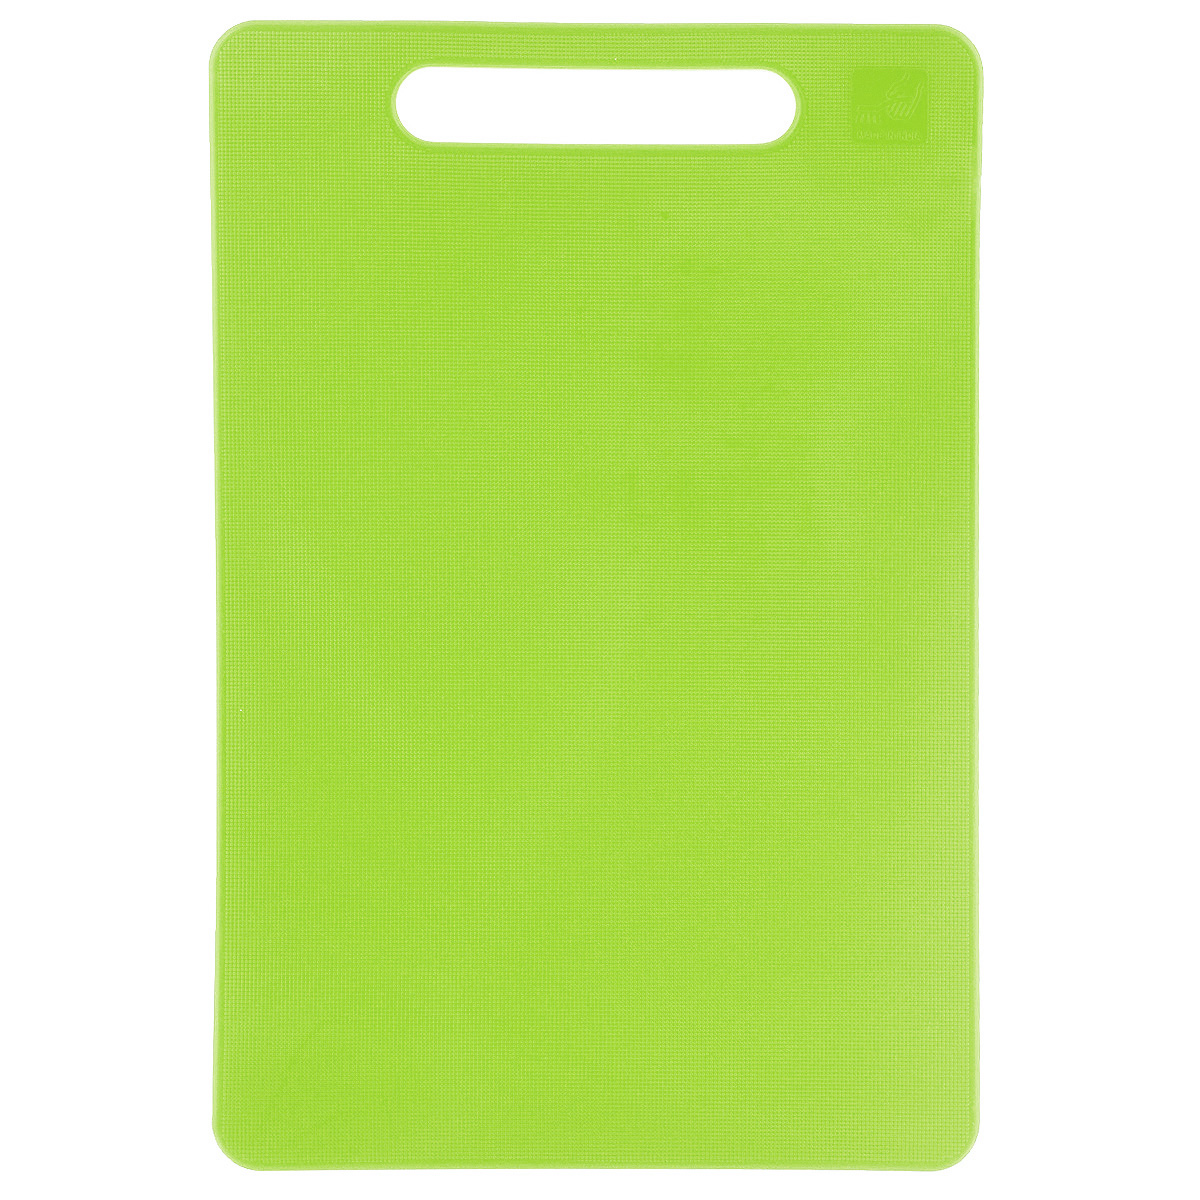 Доска разделочная Kesper, цвет: зеленый, 24 см х 15 см391602Яркая разделочная доска Kesper прекрасно подходит для разделки всех видов пищевых продуктов. Изготовлена из одноцветного прочного пластика. Изделие оснащено отверстием для подвешивания на крючок.Можно мыть в посудомоечной машине.